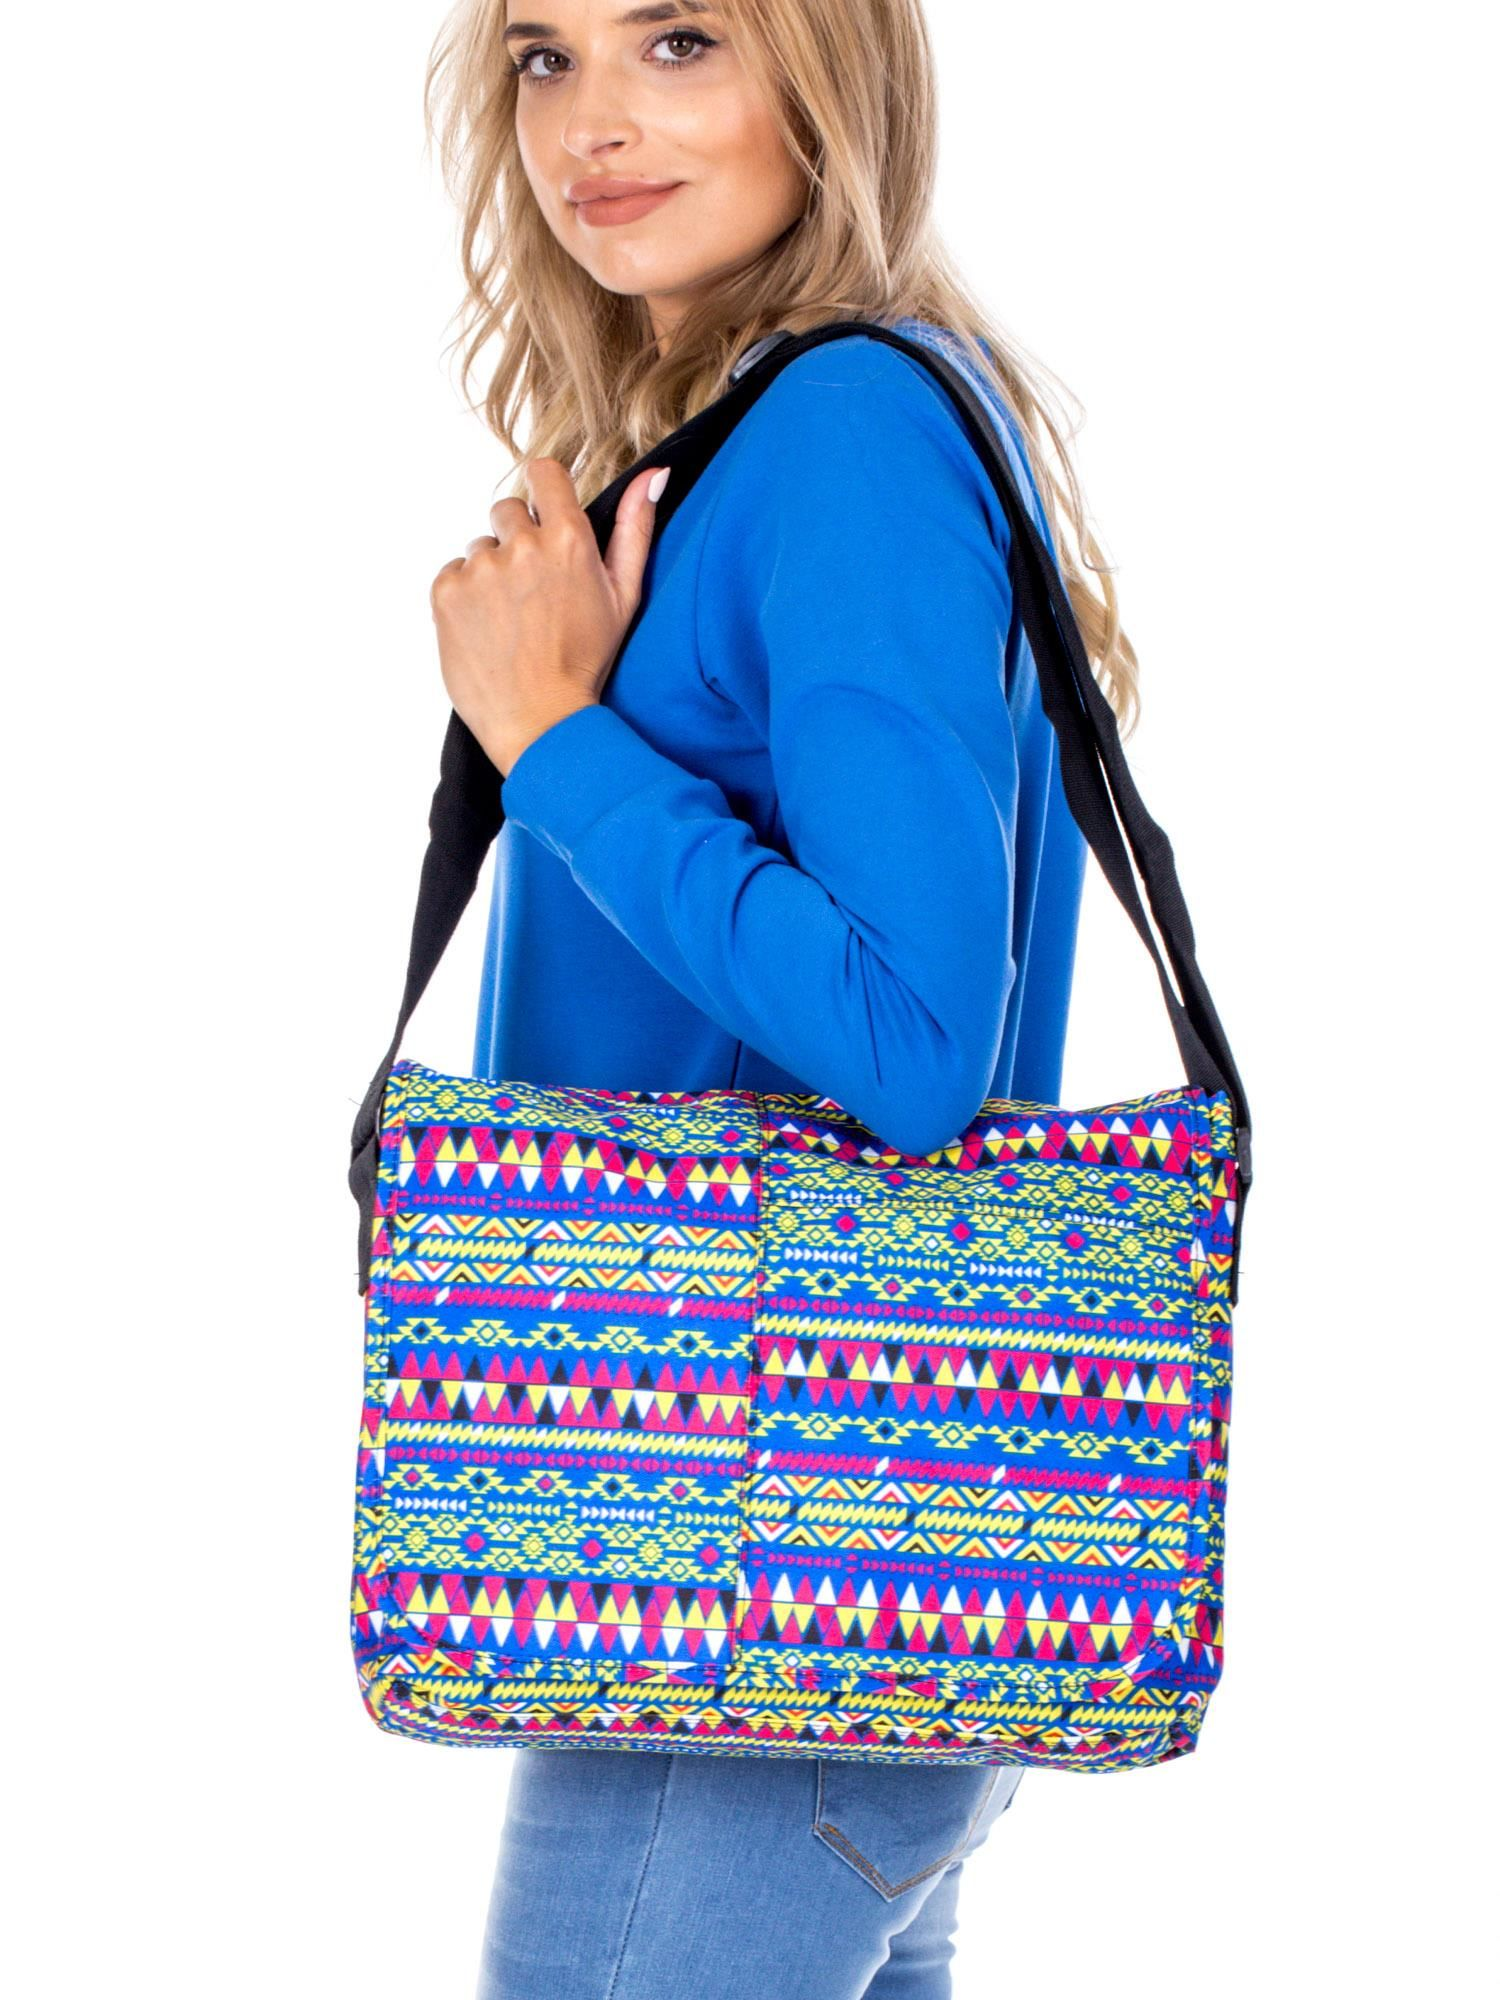 47386bd6d0a08 Torba na ramię w azteckie wzory - Akcesoria torba - sklep eButik.pl